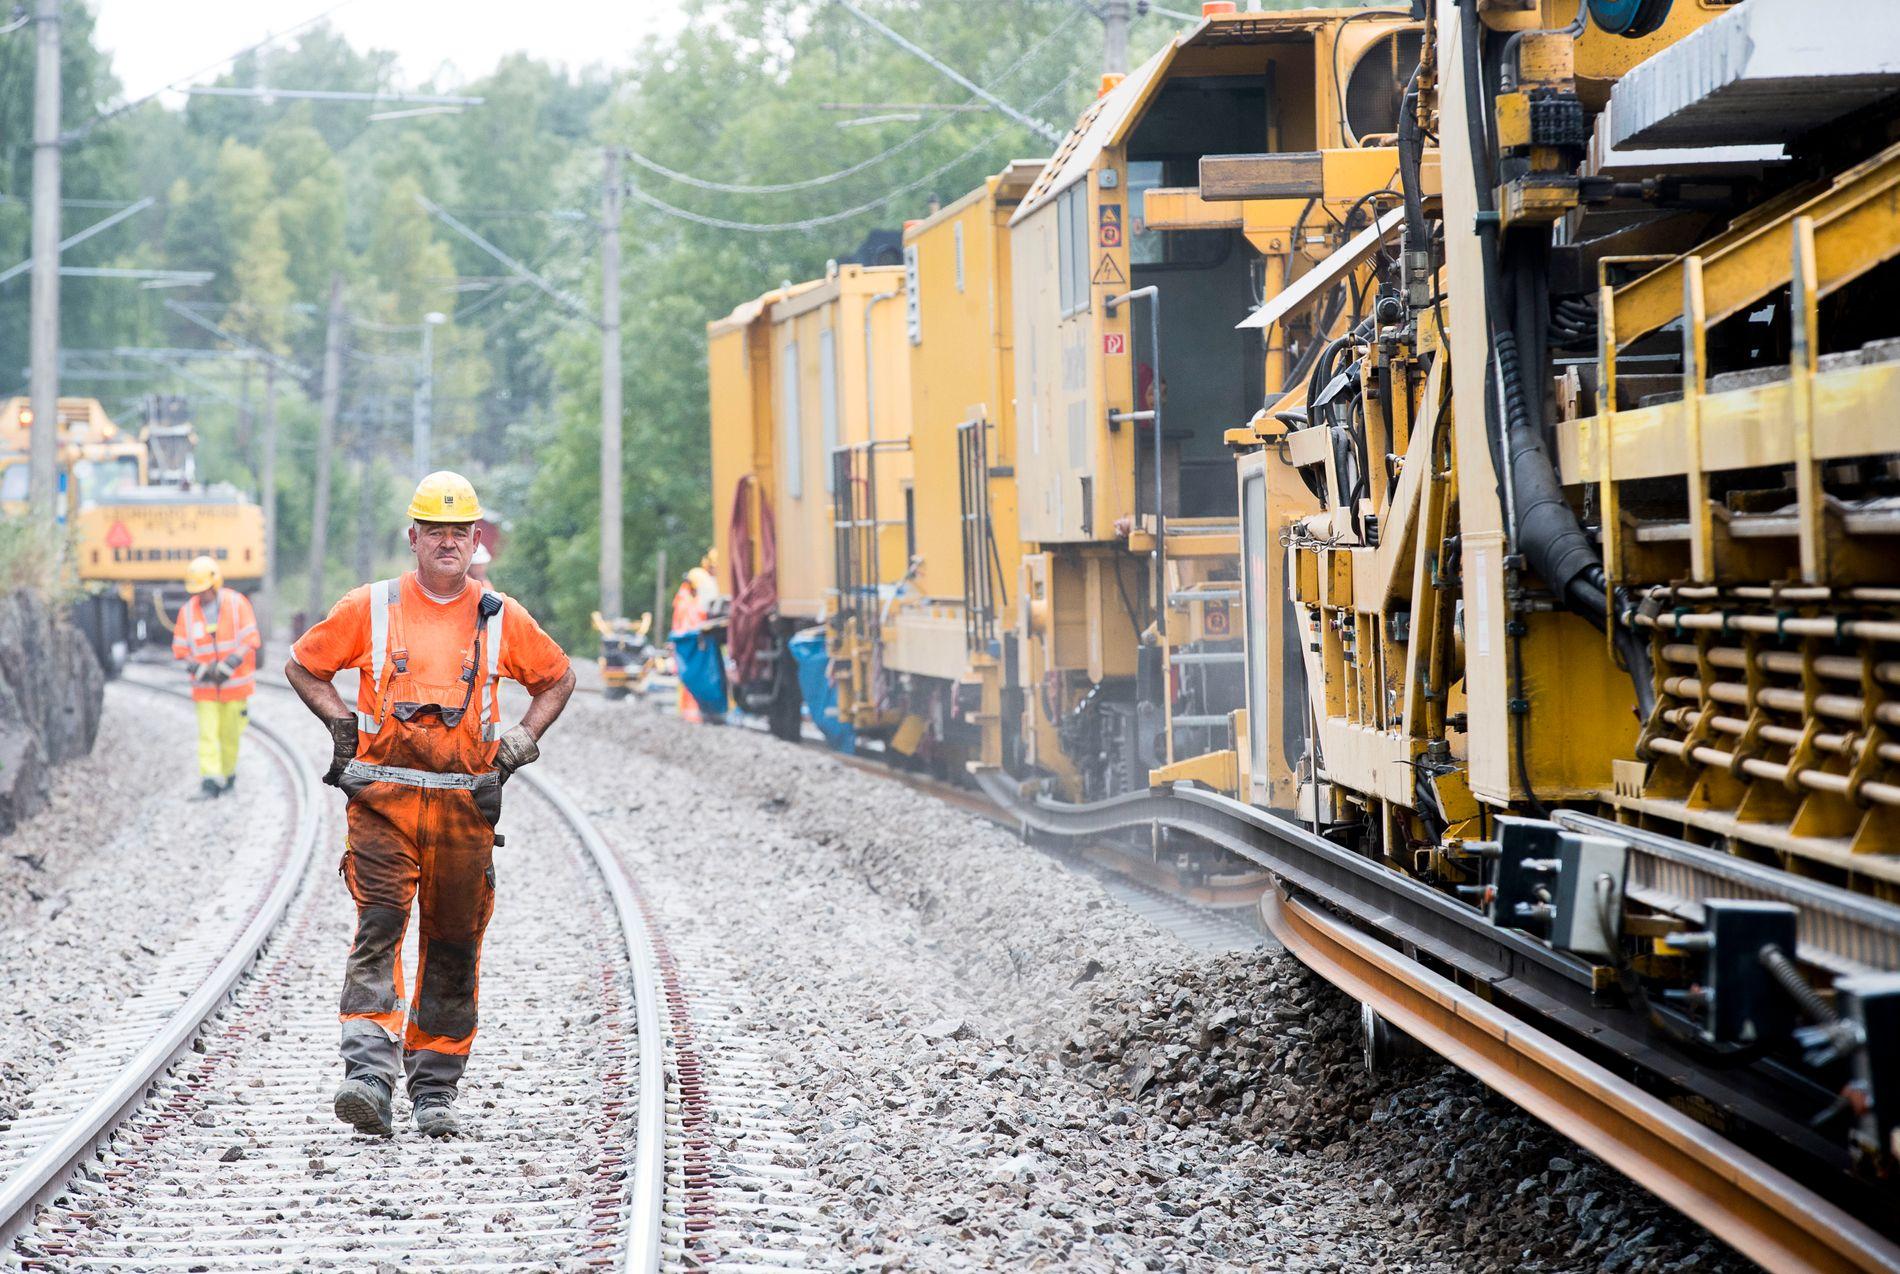 ØSTFOLD: Togstrekningen fra Oslo og ned gjennom Østfold har vært foreslått som den første strekningen for konkurranseutsetting av jernbanen. Bildet viser vedlikeholdsarbeidet som pågikk på strekningen i sommer.